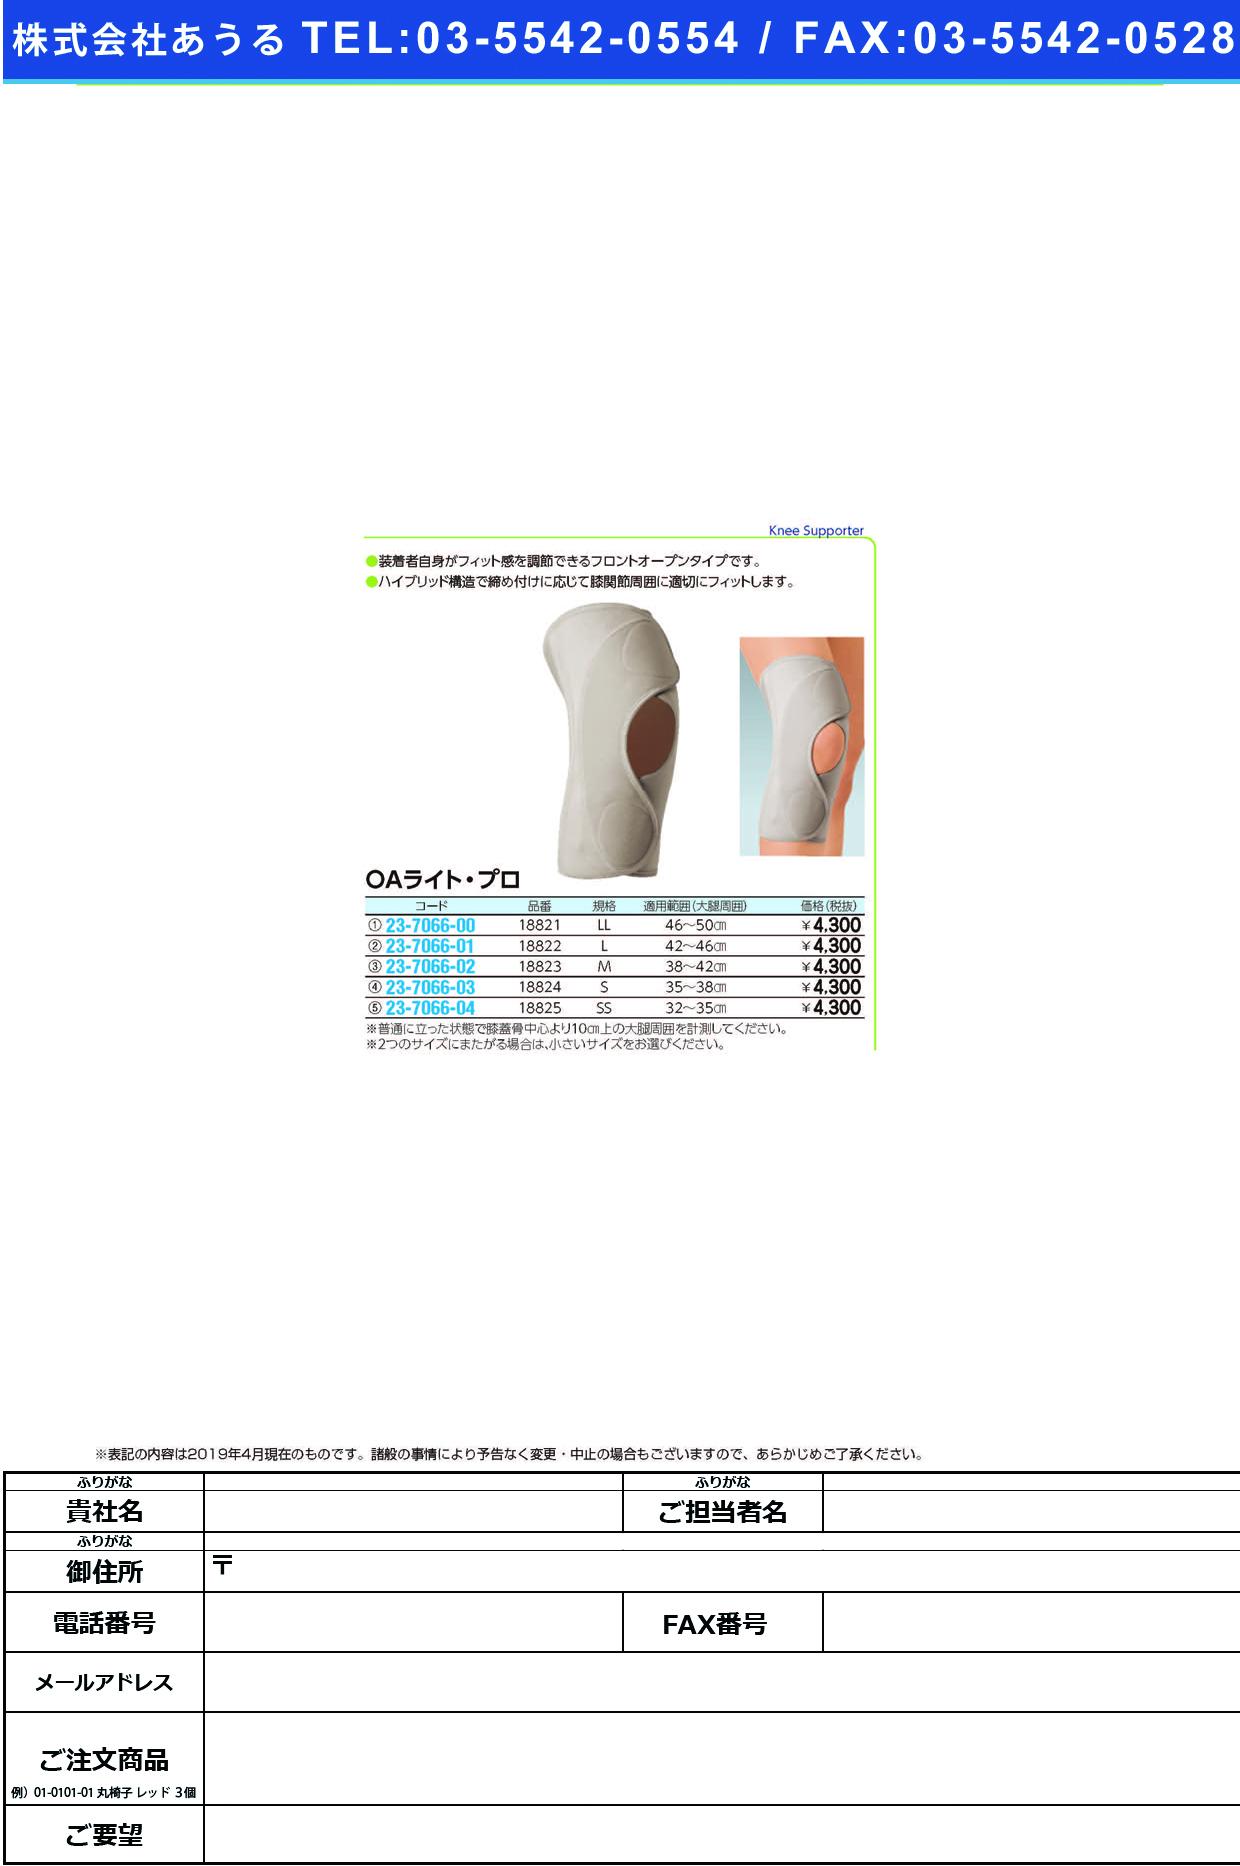 (23-7066-03)OAライト・プロ(S) 18824 OAライト・プロS(アルケア)【1箱単位】【2019年カタログ商品】